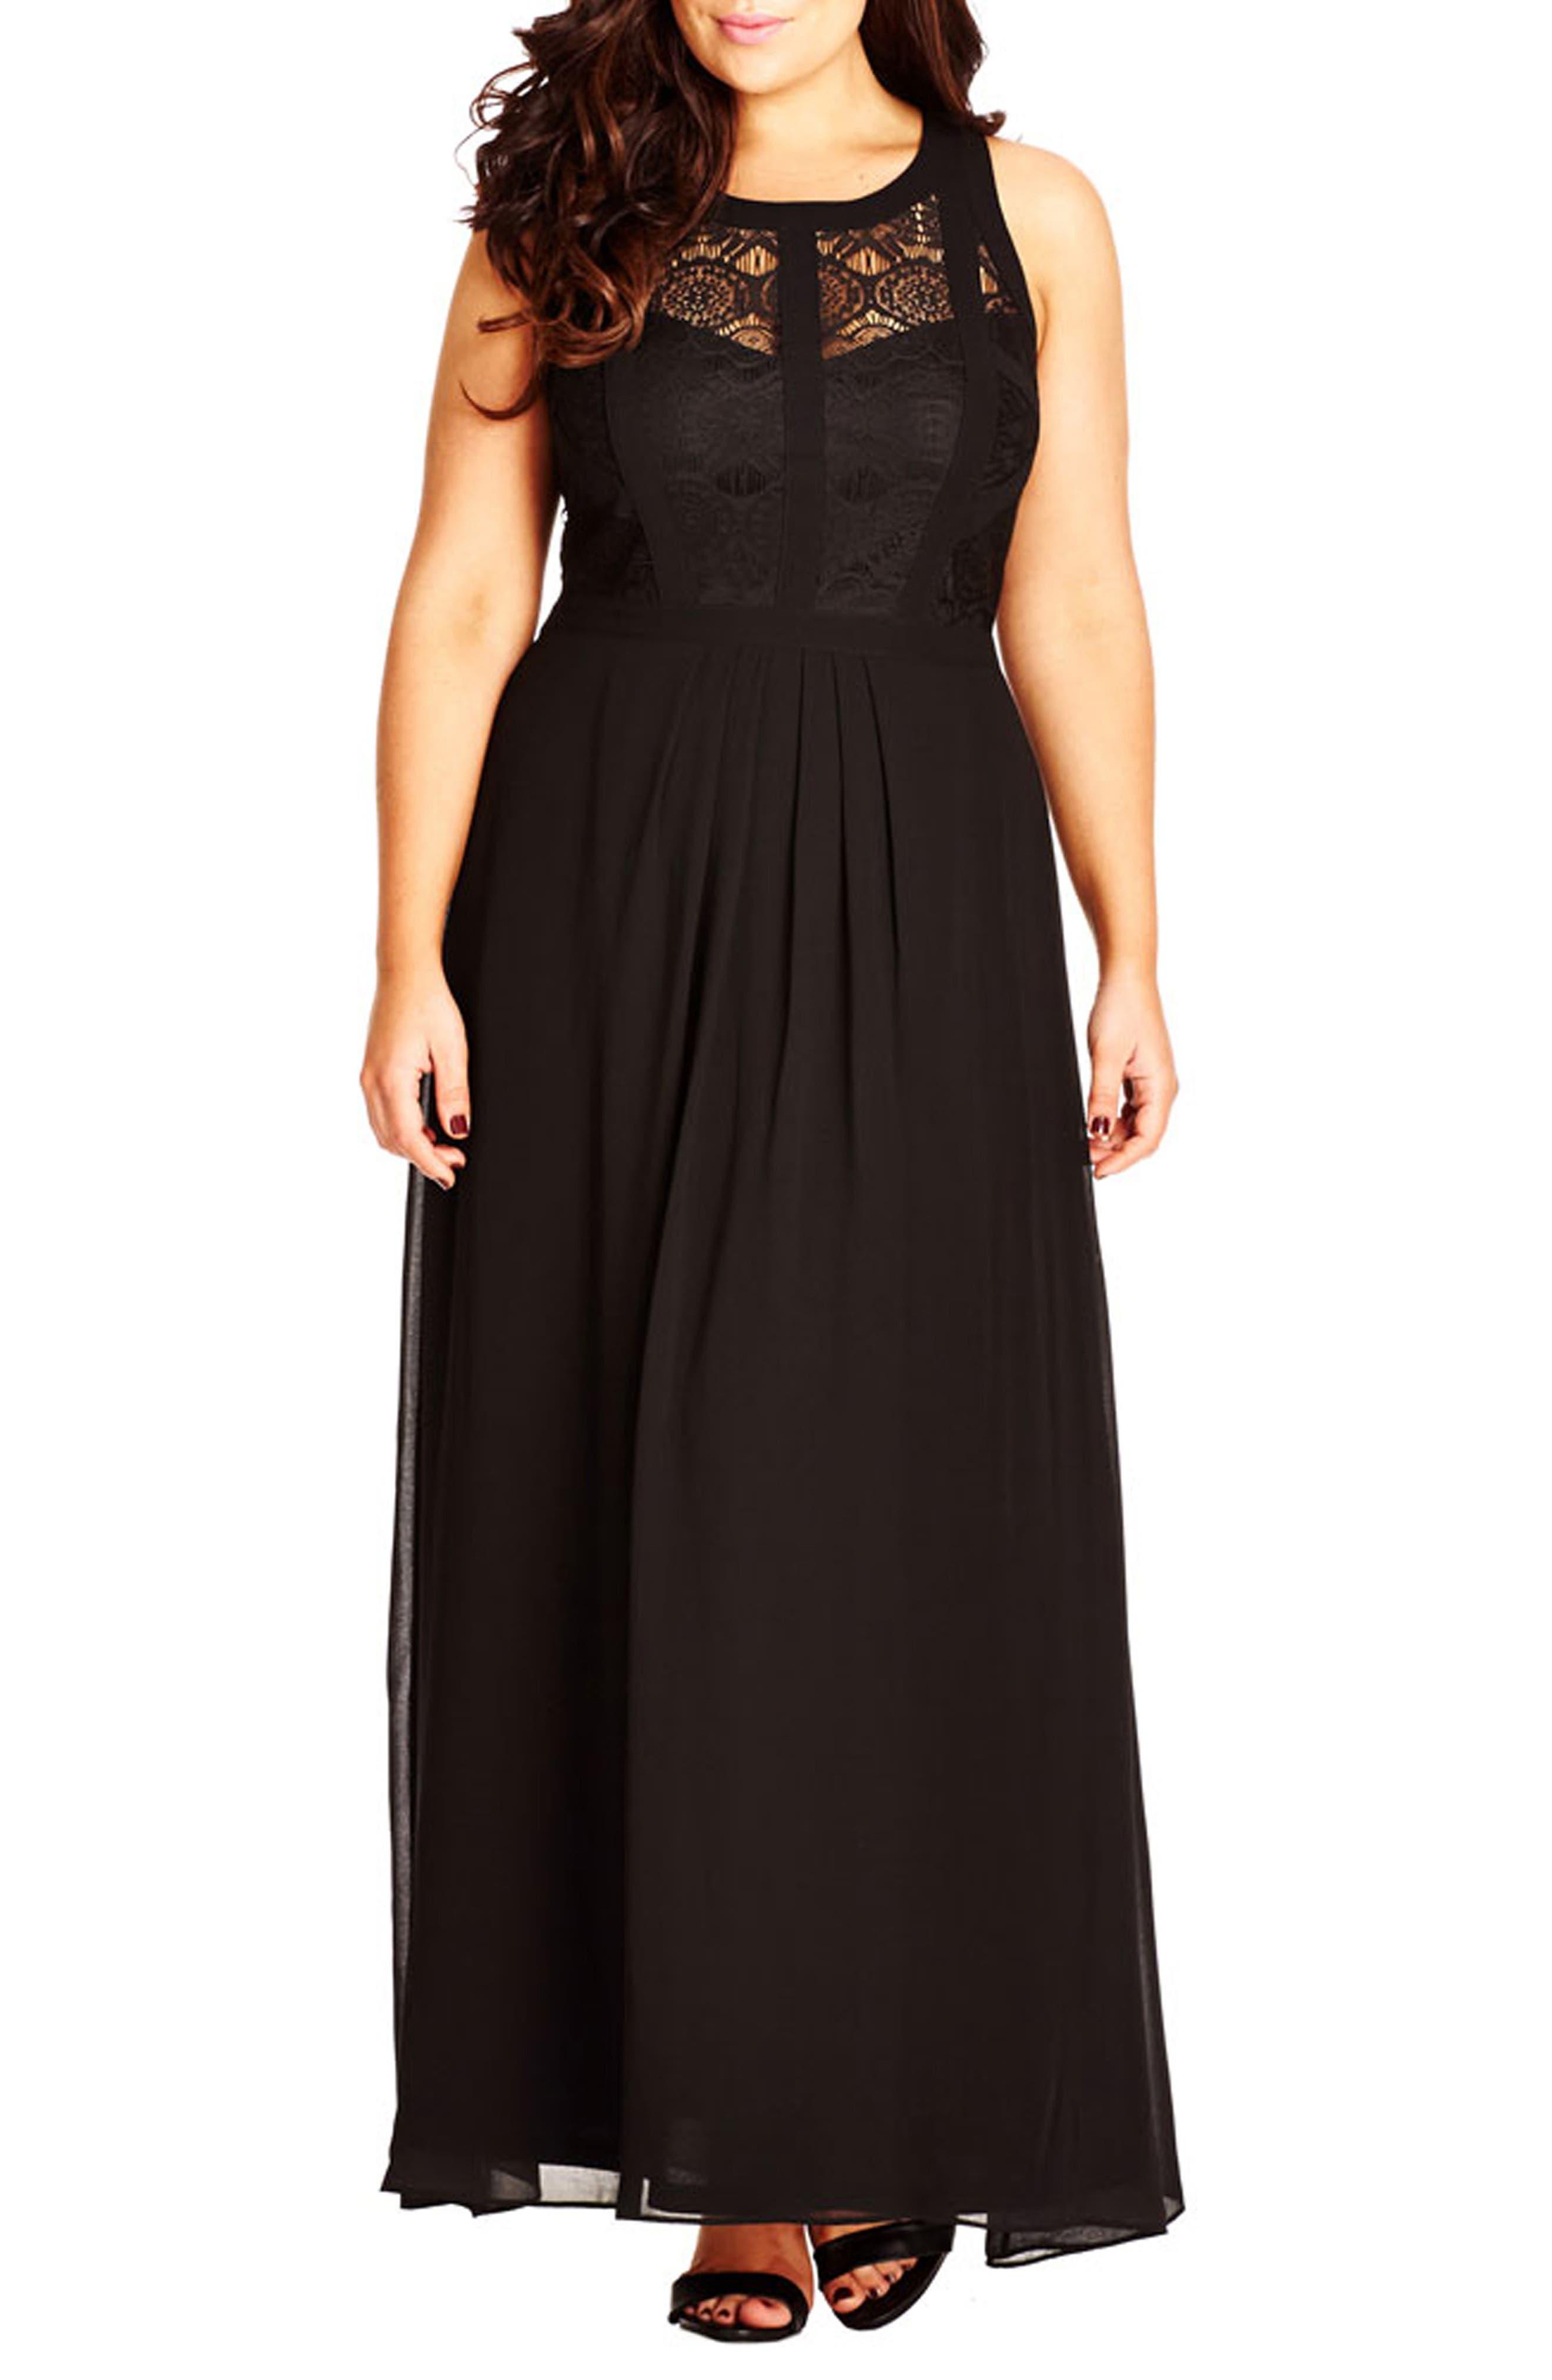 6440d5cc8b86 Formal Plus-Size Dresses   Nordstrom